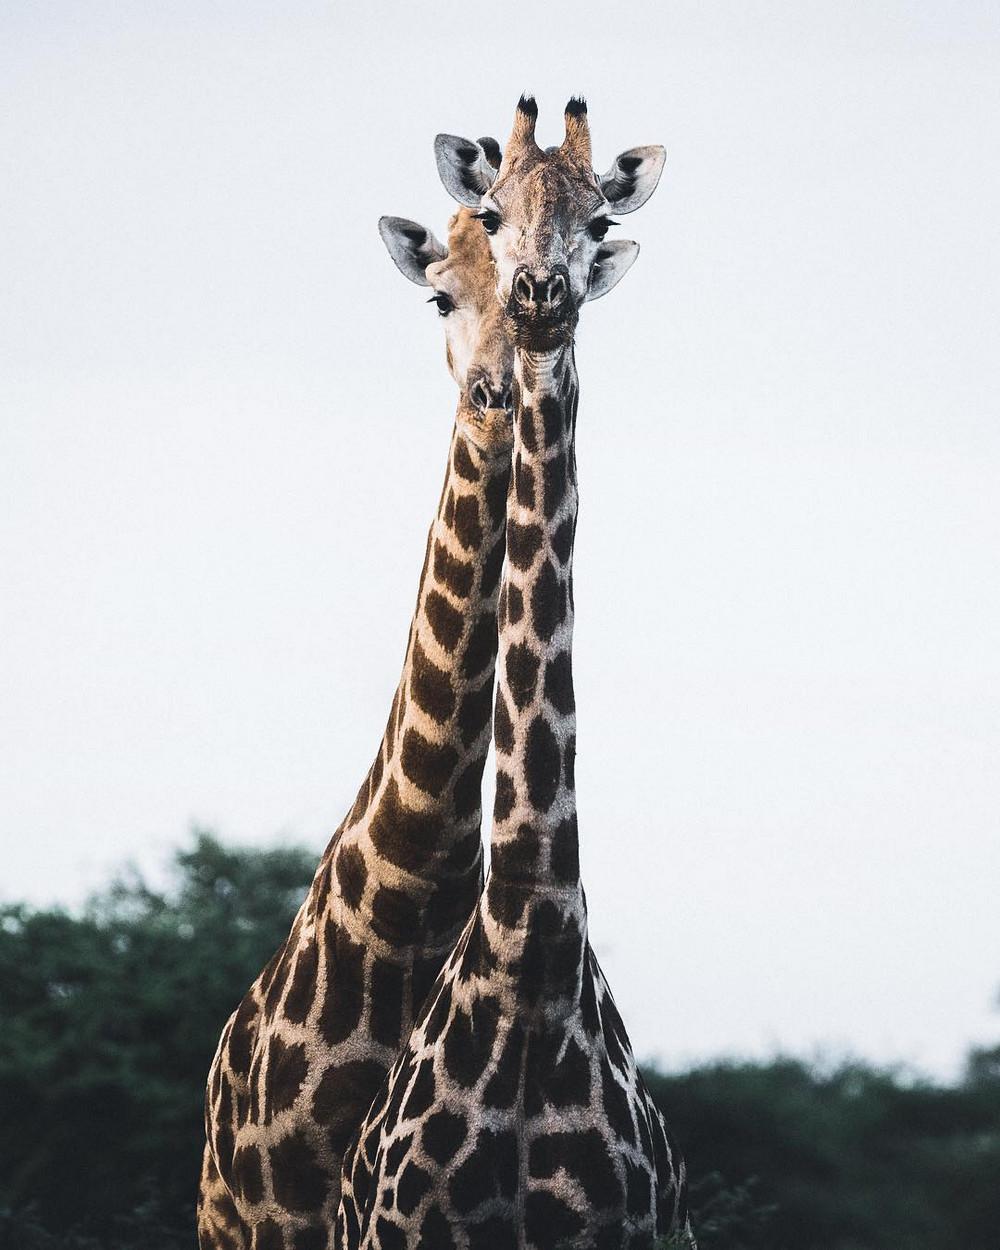 Дикая природа и животные на снимках Донала Бойда